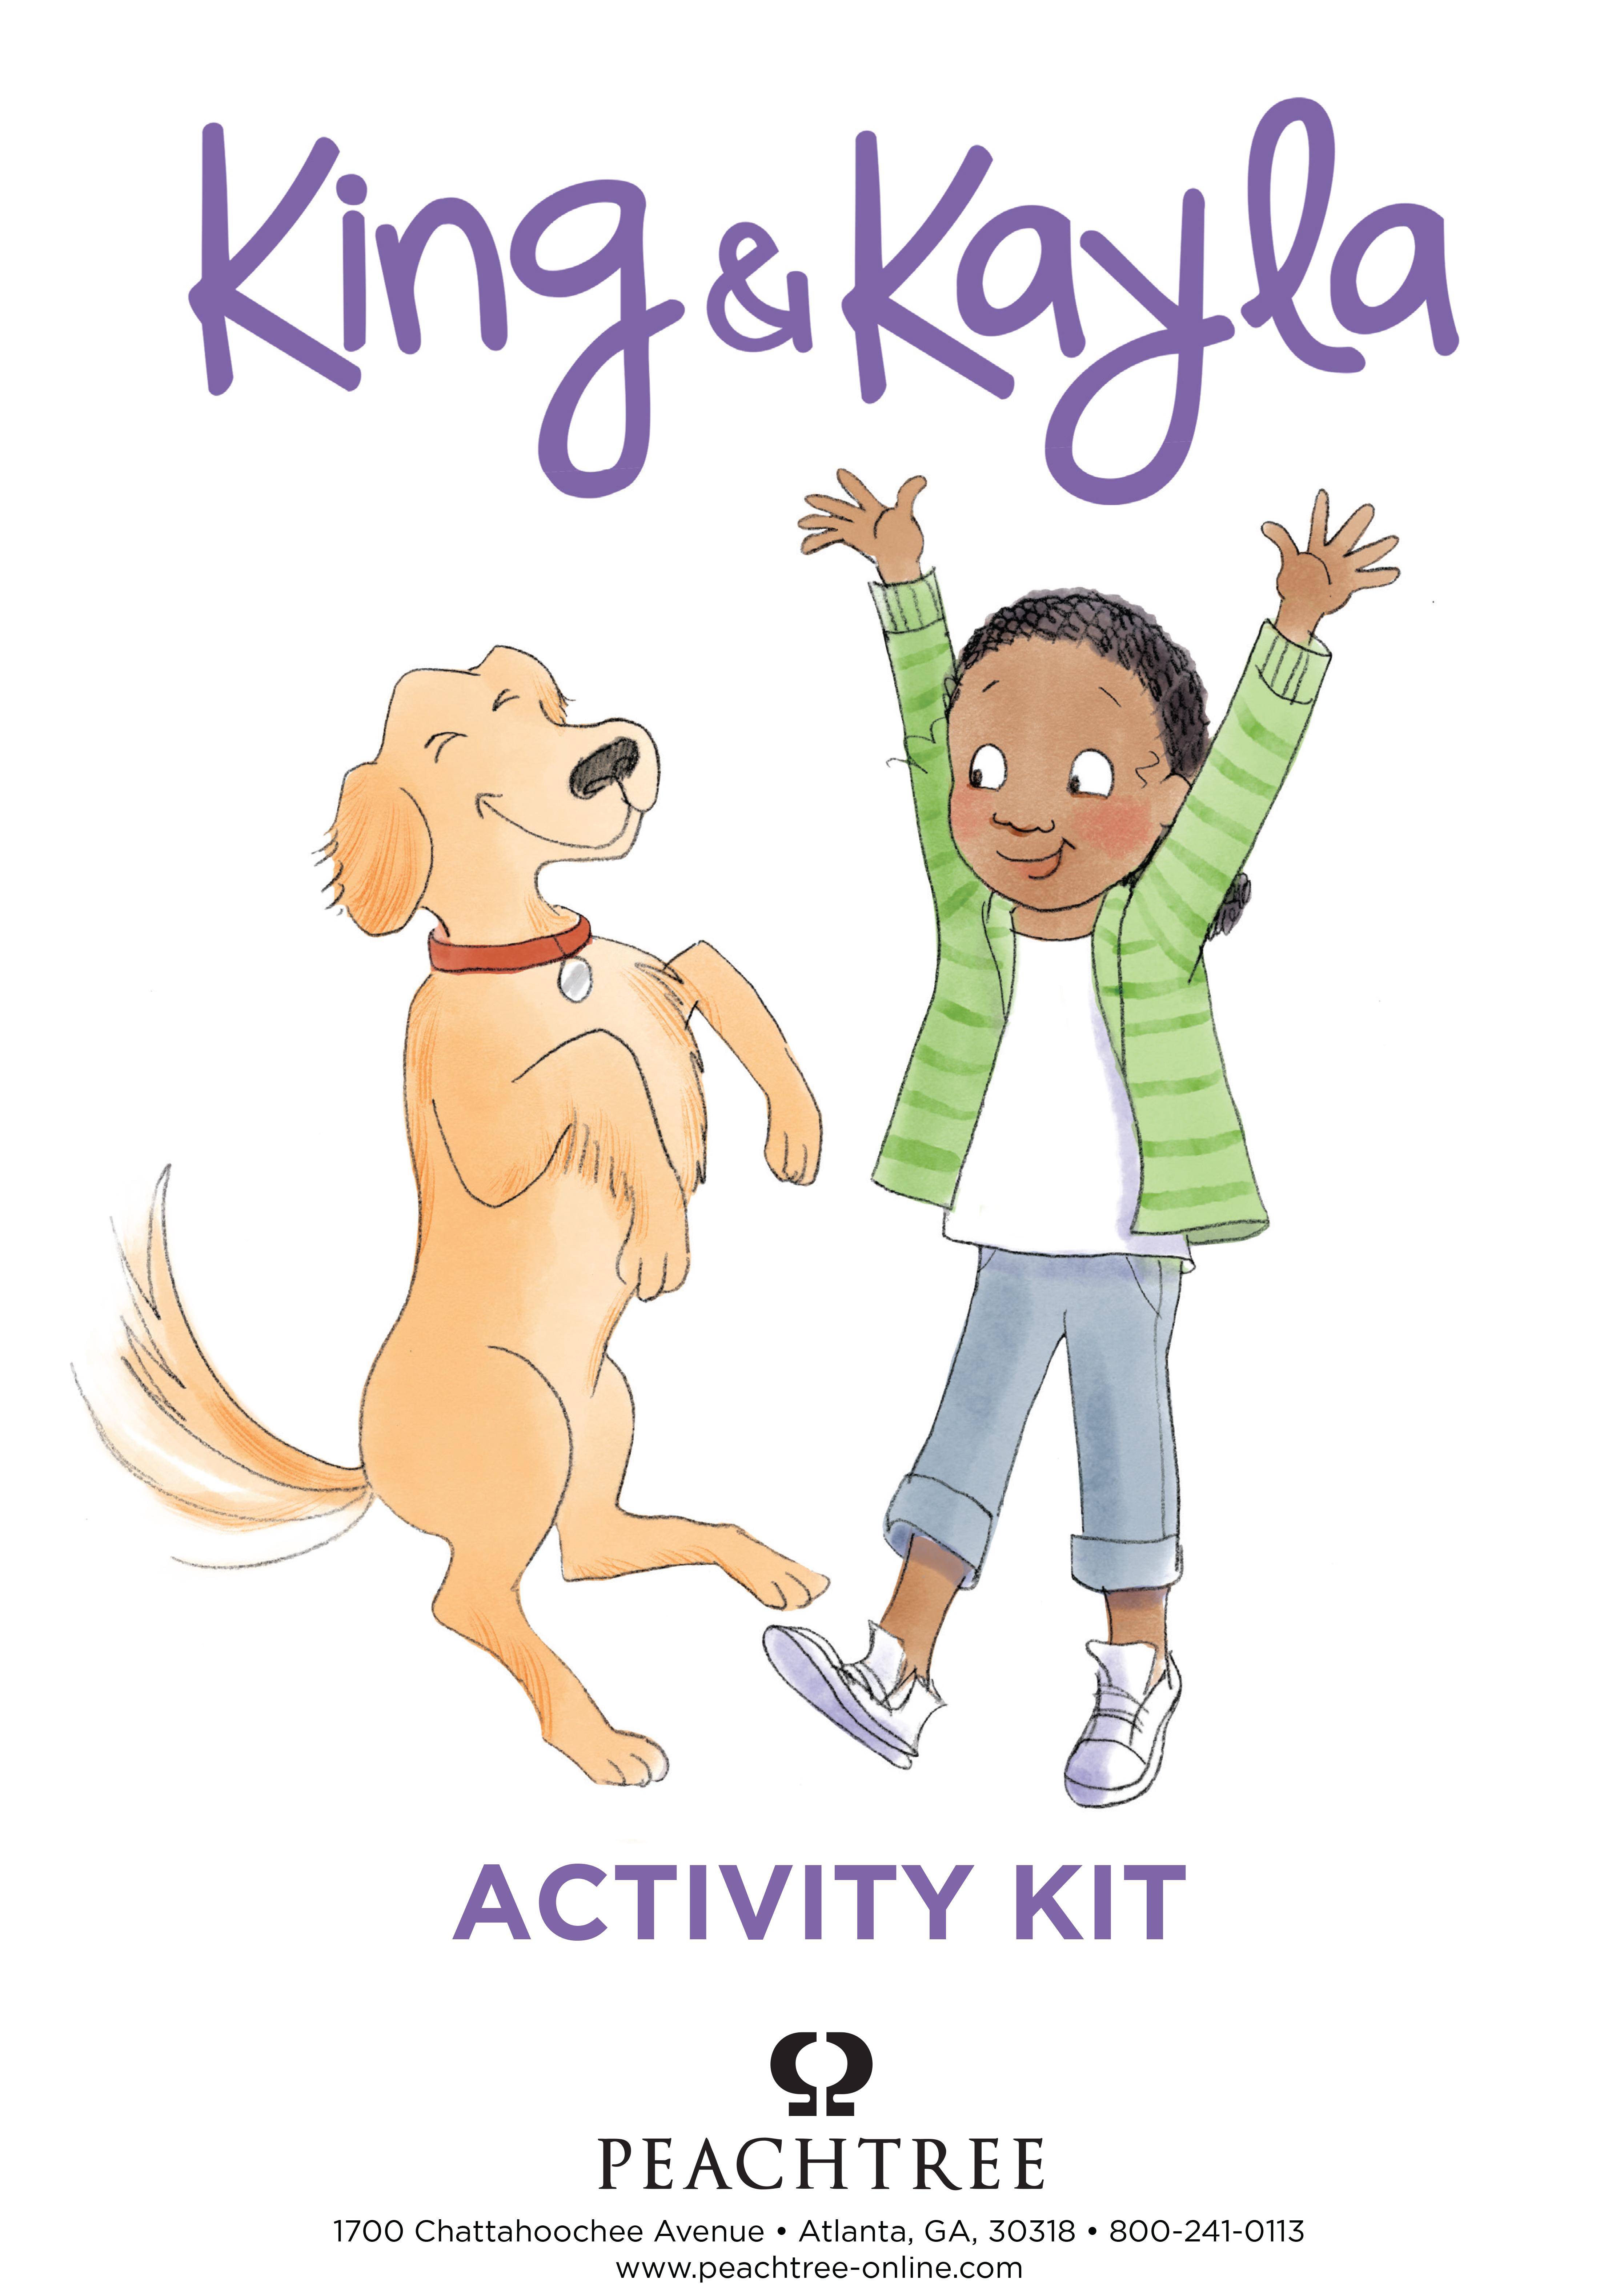 King & Kayla Series Activity Kit